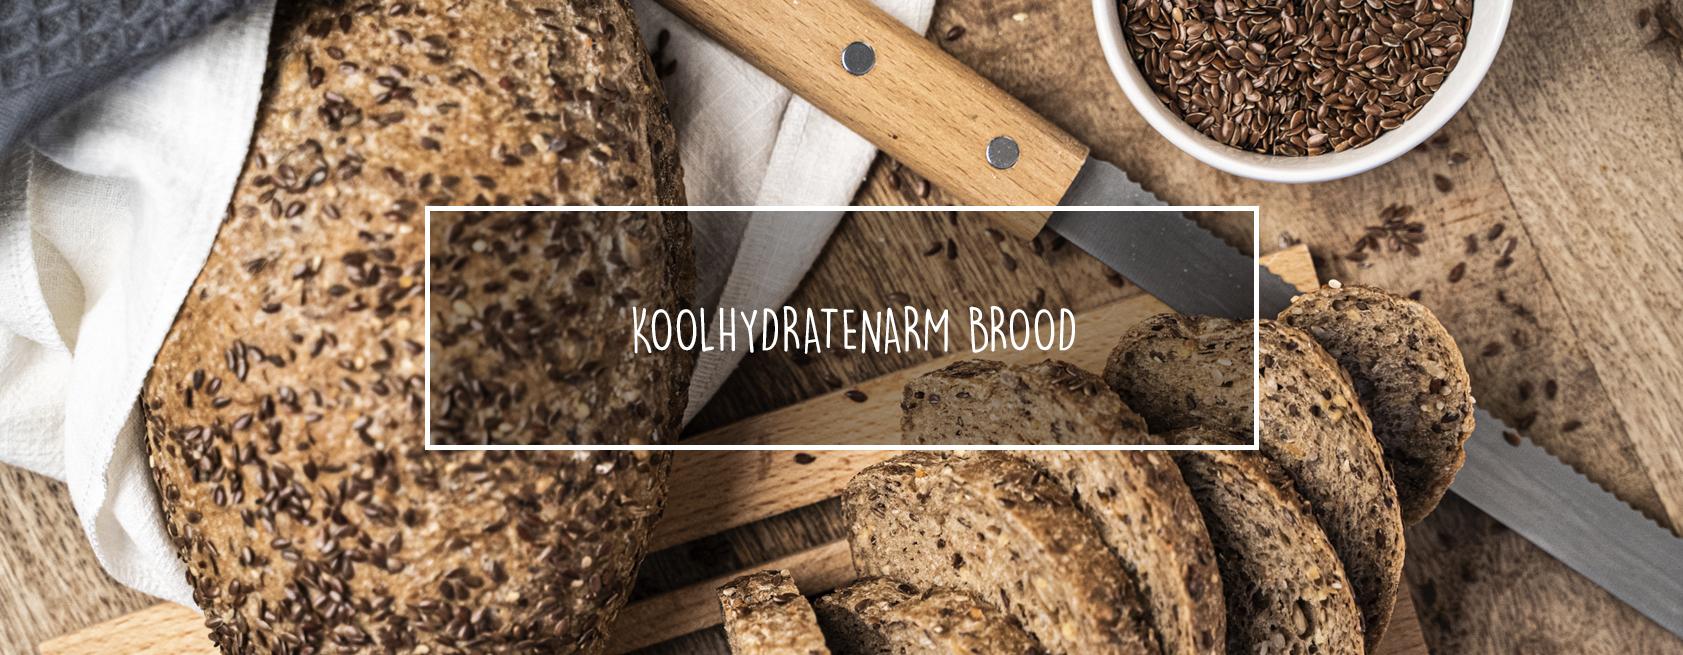 Koolhyratenarm brood